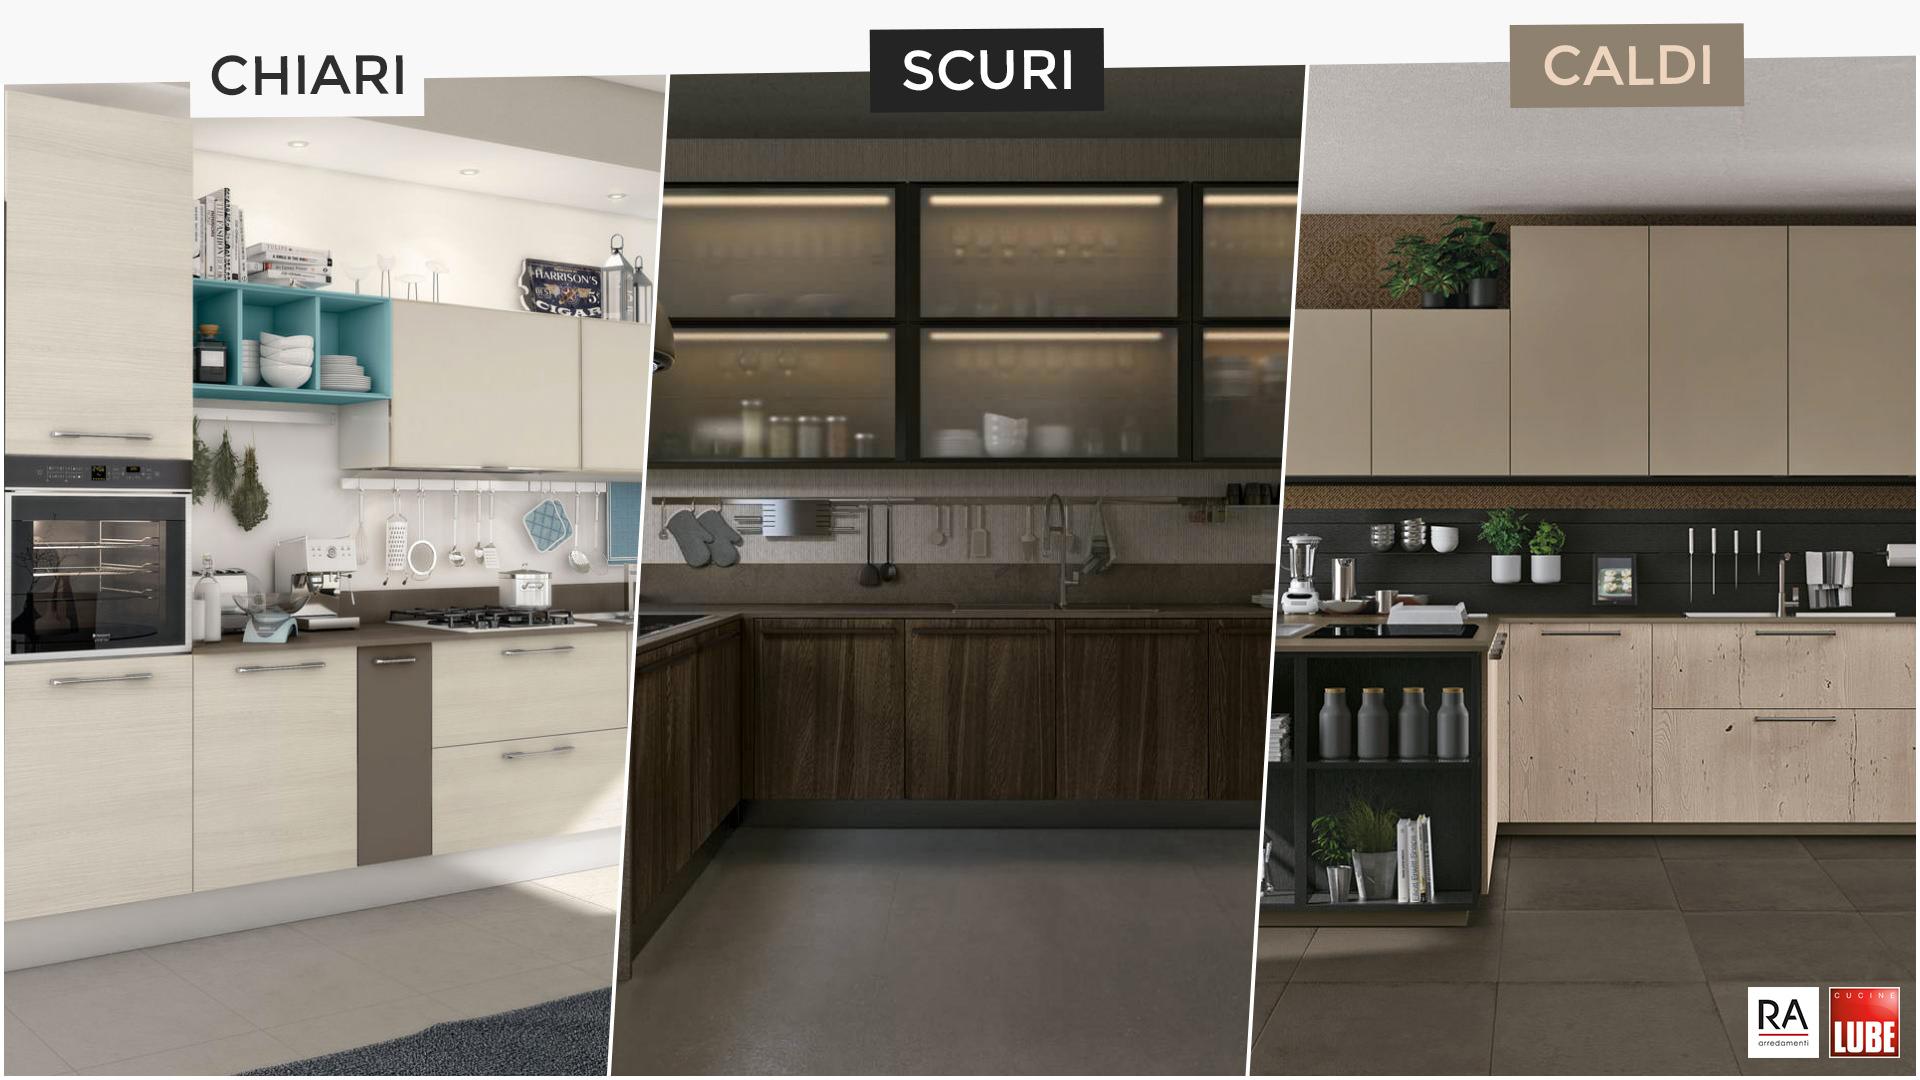 Un'altra variabile da considerare è appunto lo stile della cucina. I Colori In Cucina Le Tonalita Da Scegliere In Base Al Vostro Arredamento Rafaschieri Arredamenti